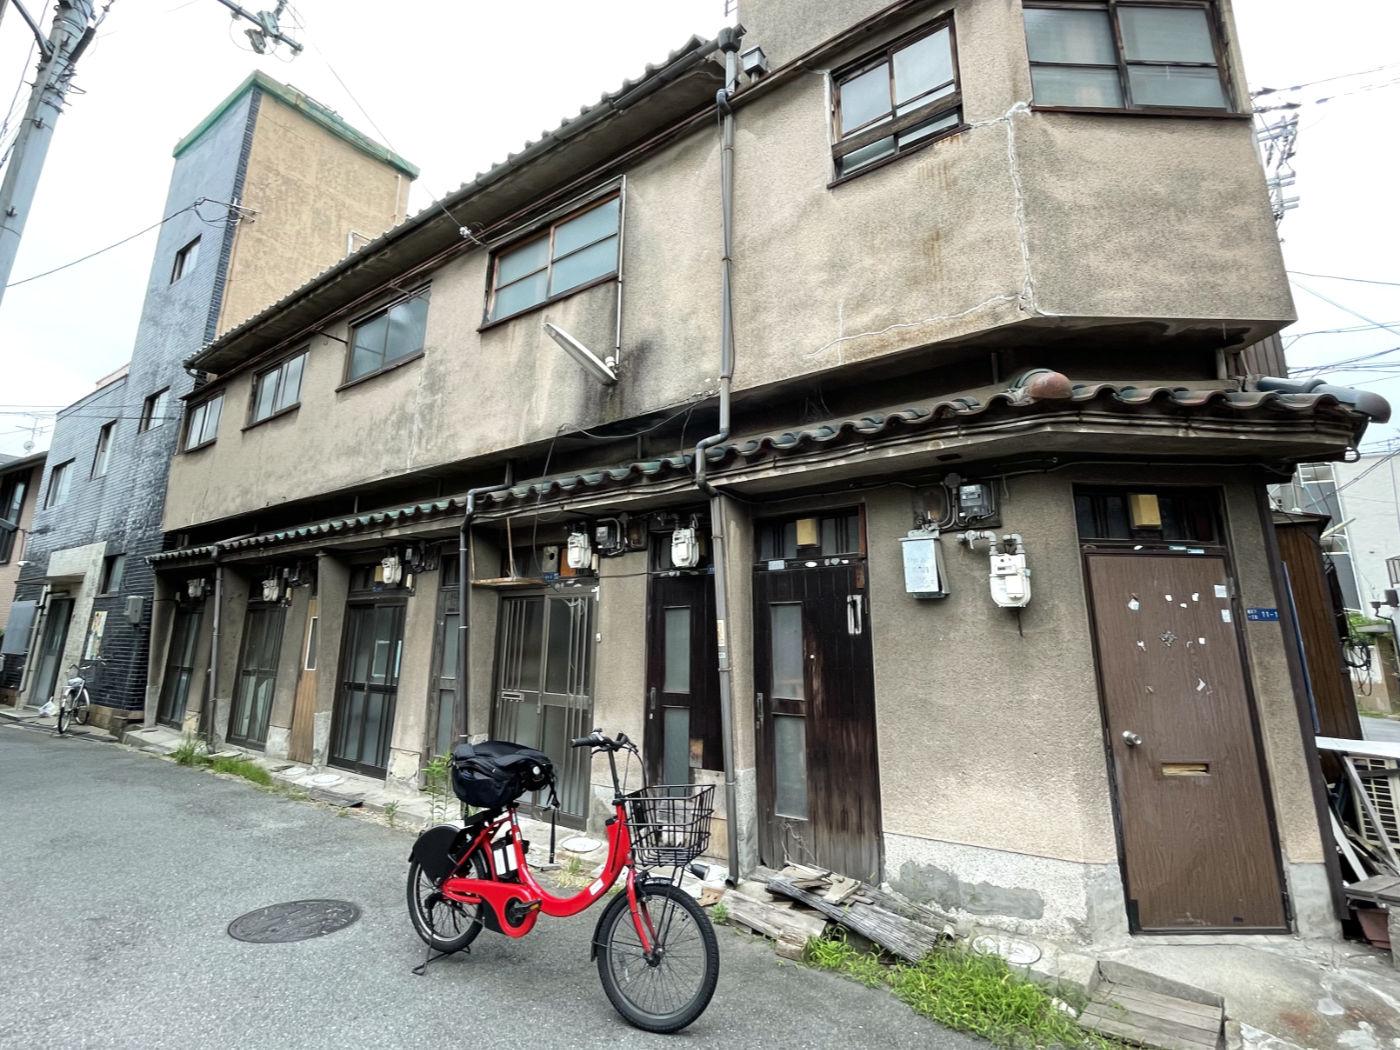 Akai sharecycle 01